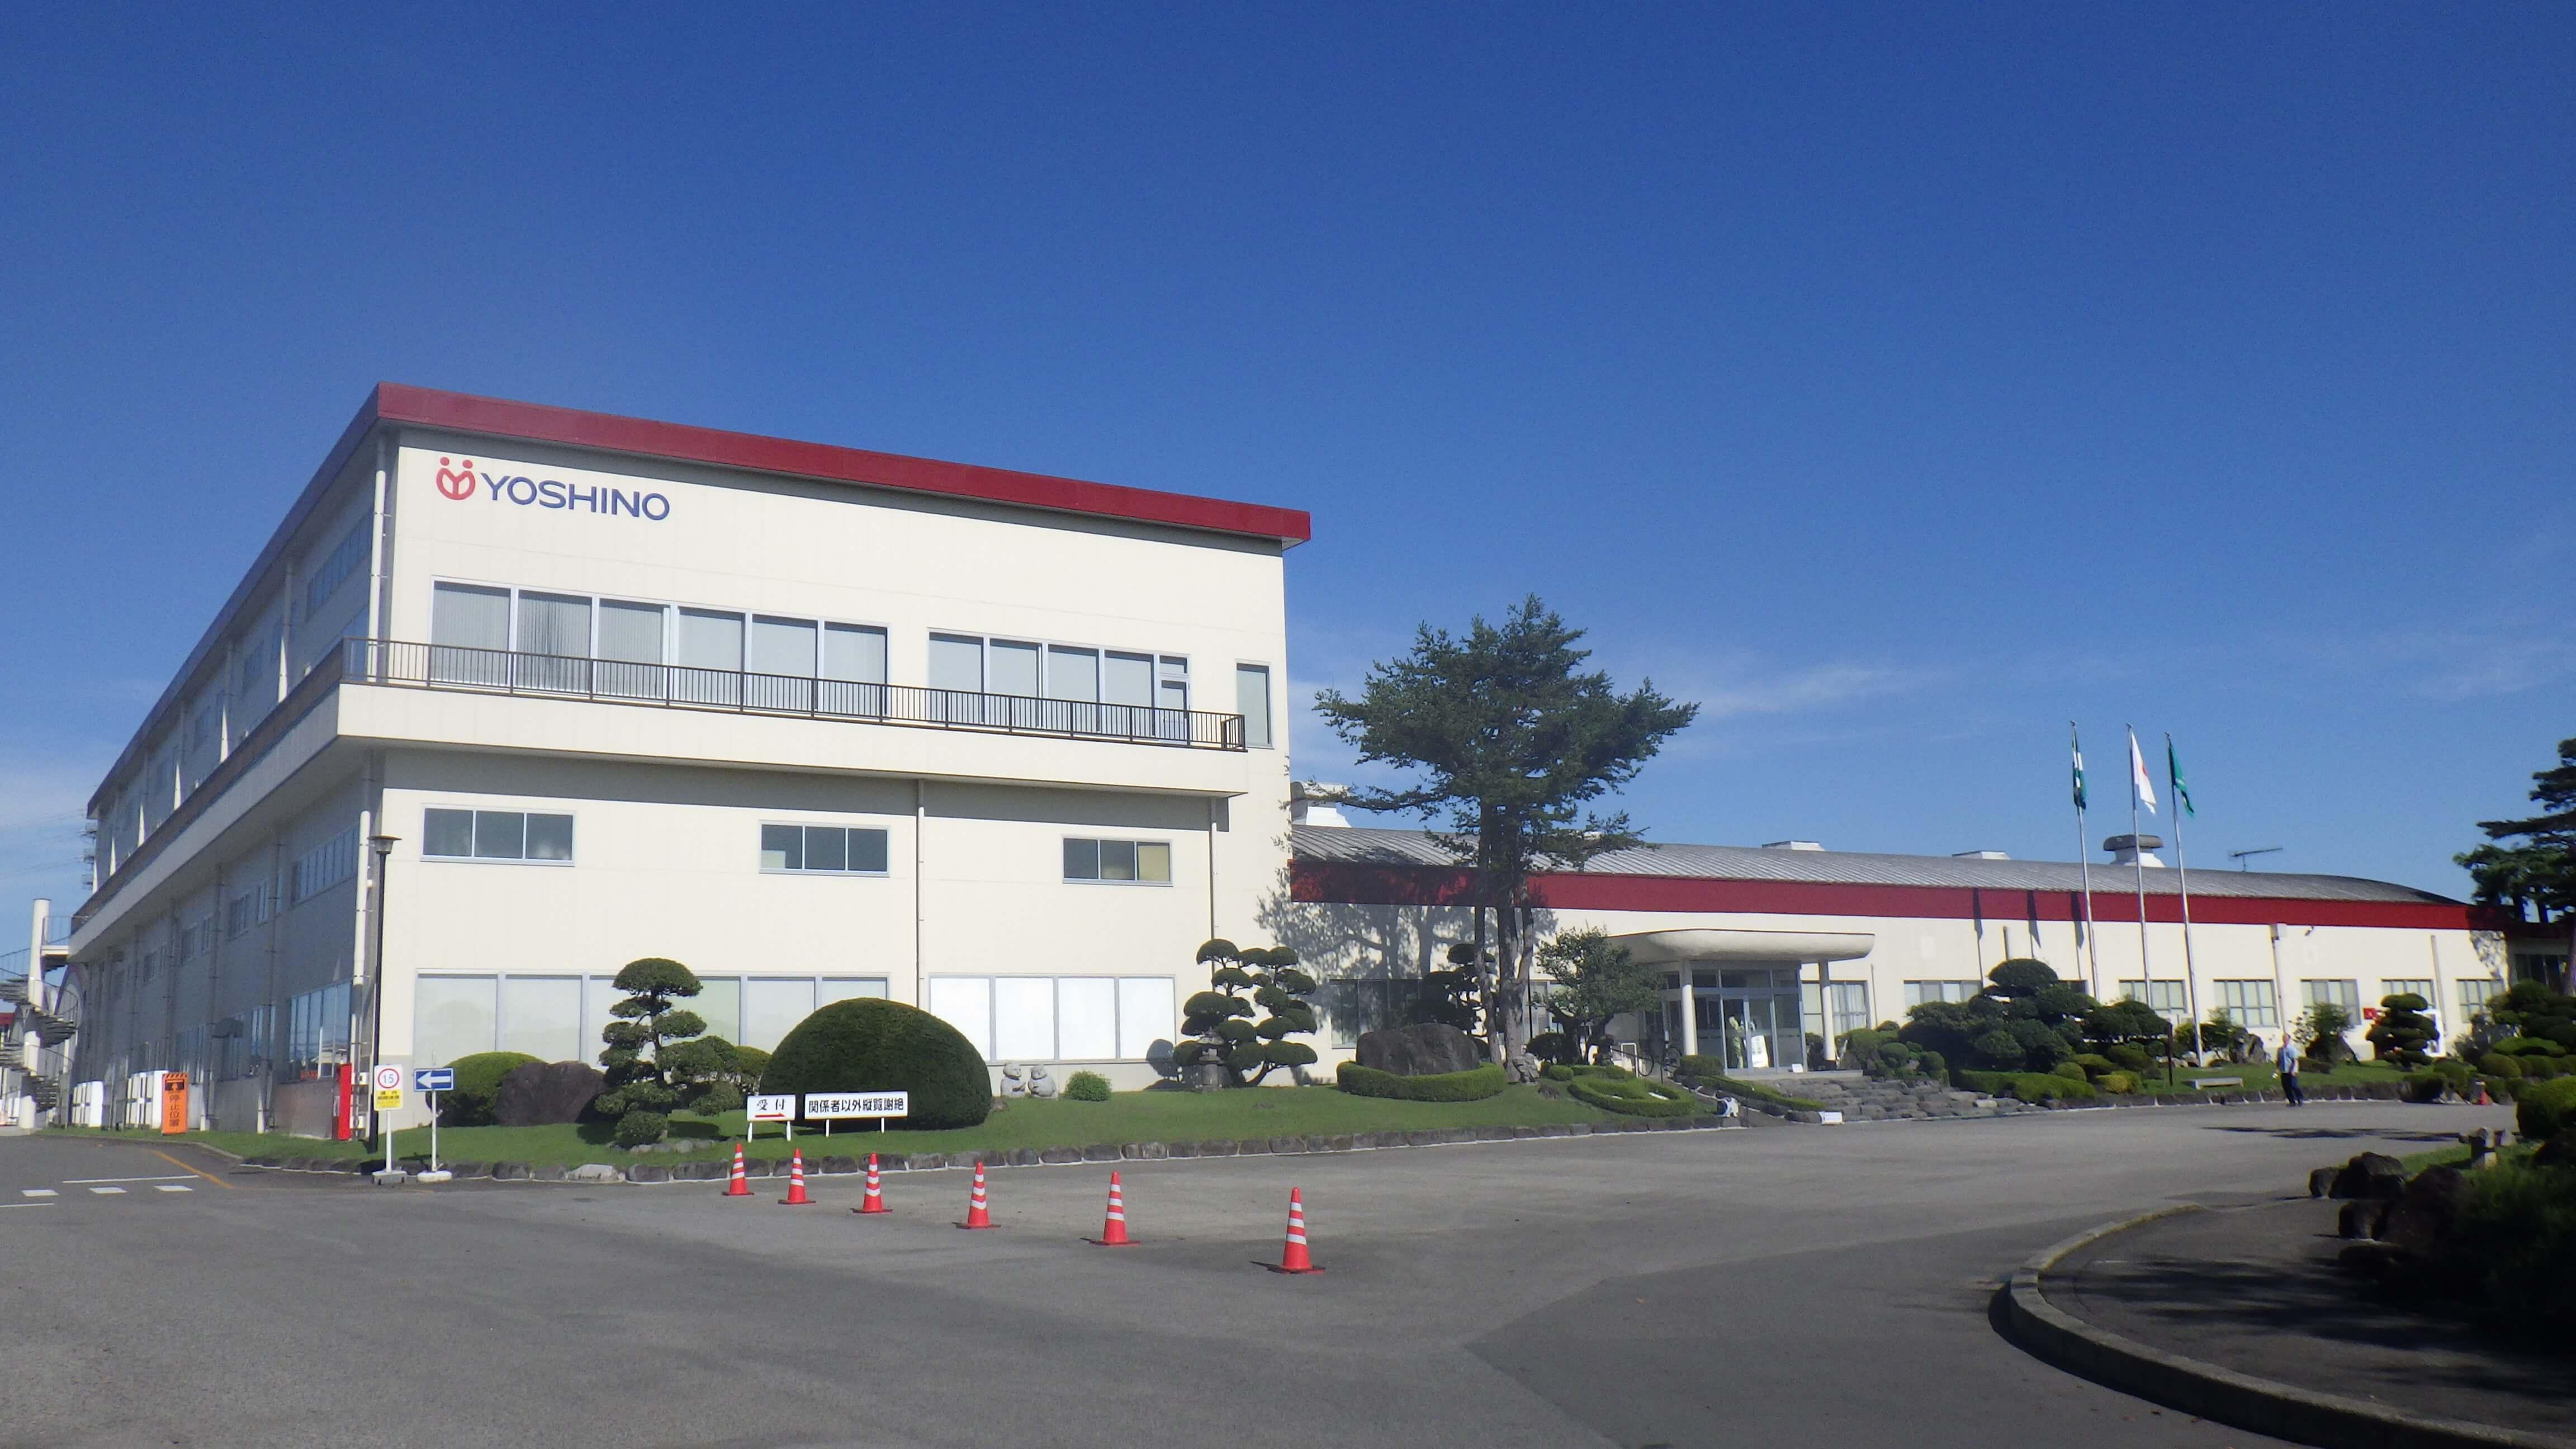 株式会社 吉野工業所 小川第二工場